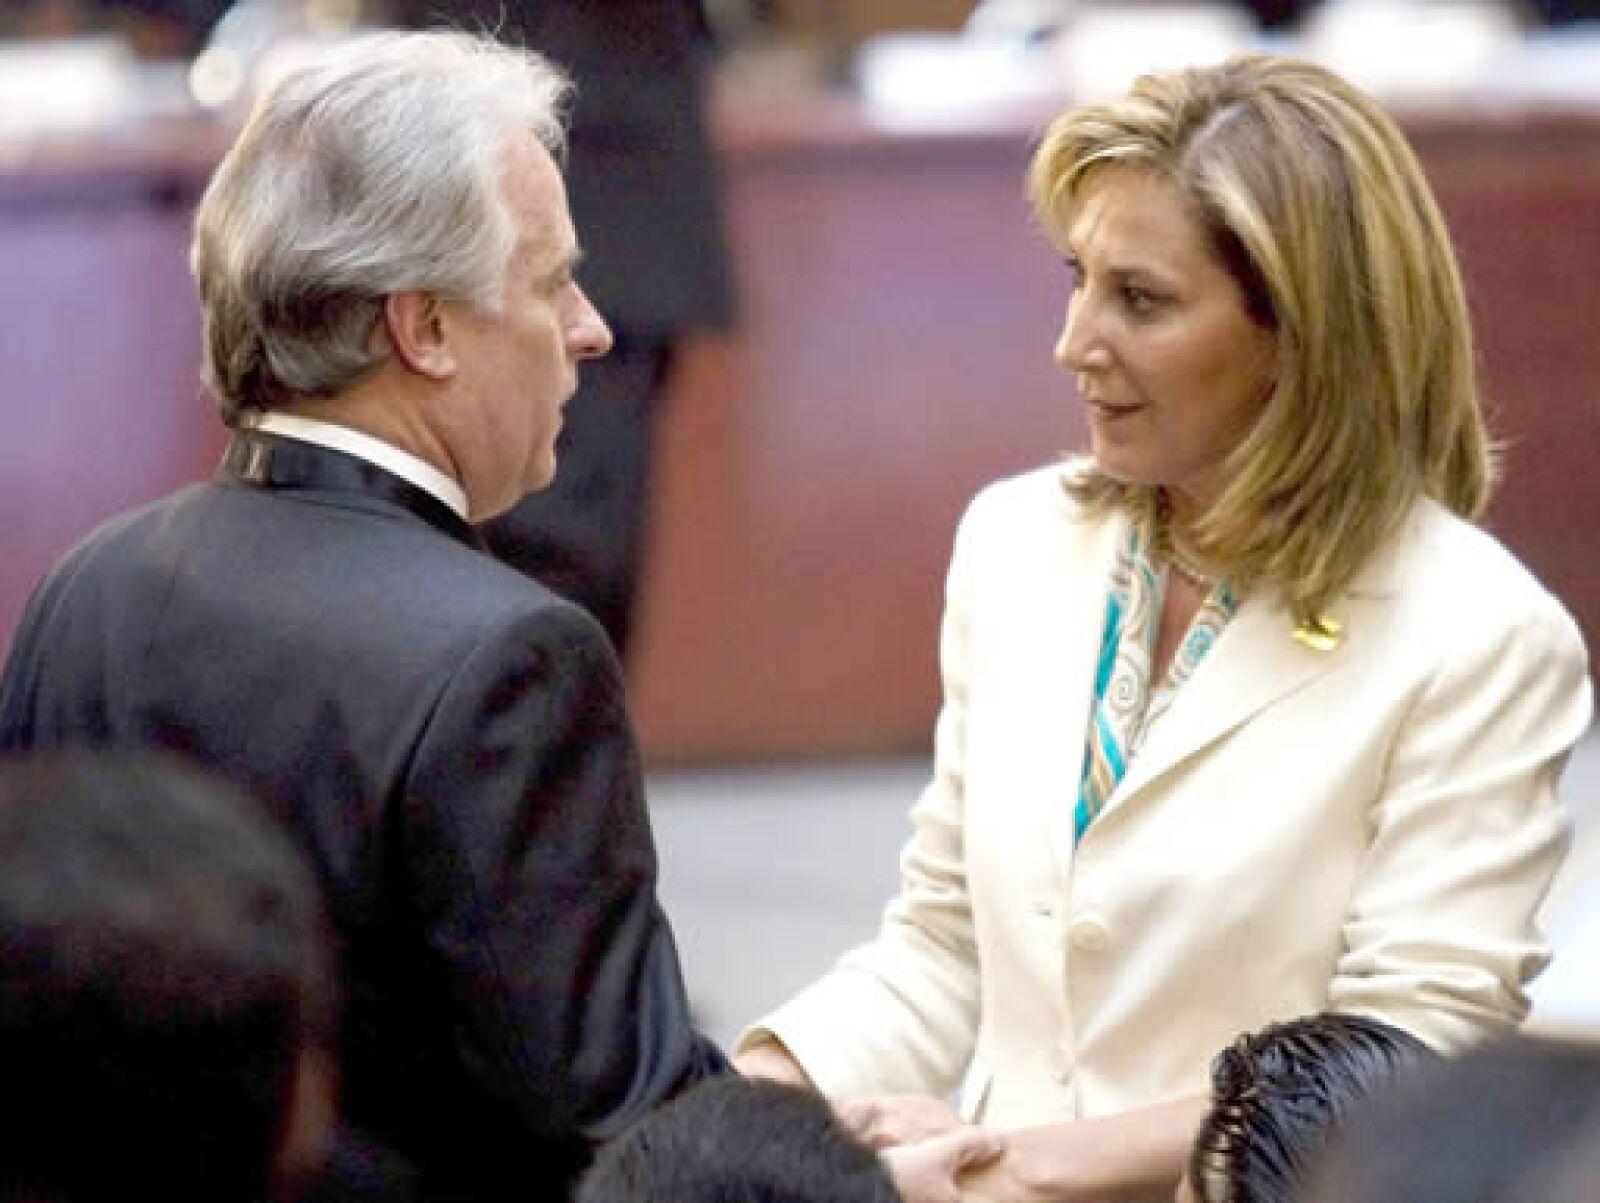 María Elena Morera, presidenta de México Unido contra la Delincuencia, reiteró su respaldo a Martí días después, durante la reunión del Consejo Nacional de Seguridad.